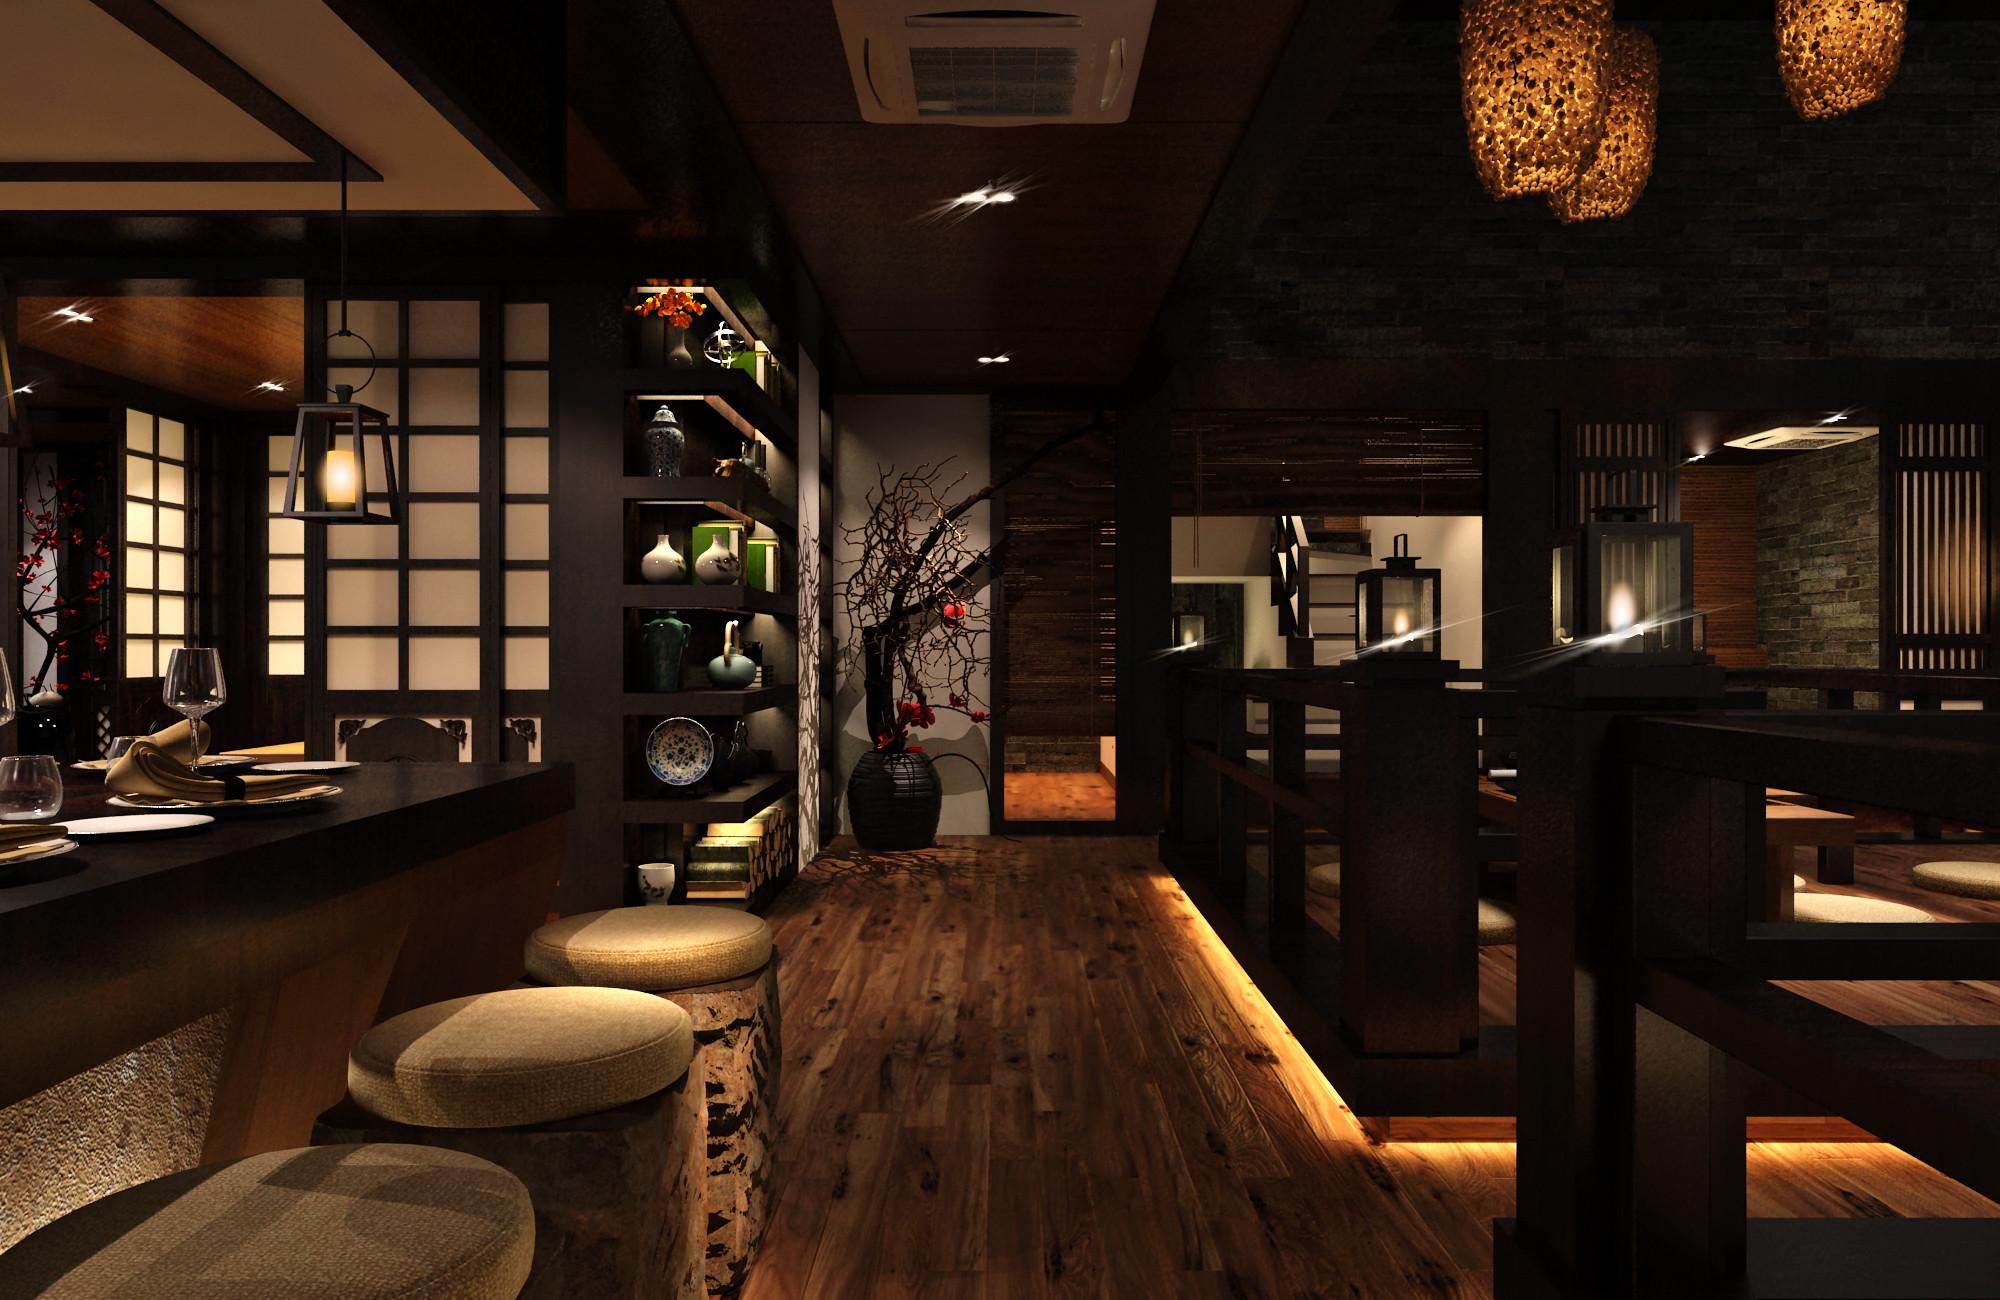 日式风格餐厅装修吧台凳图片